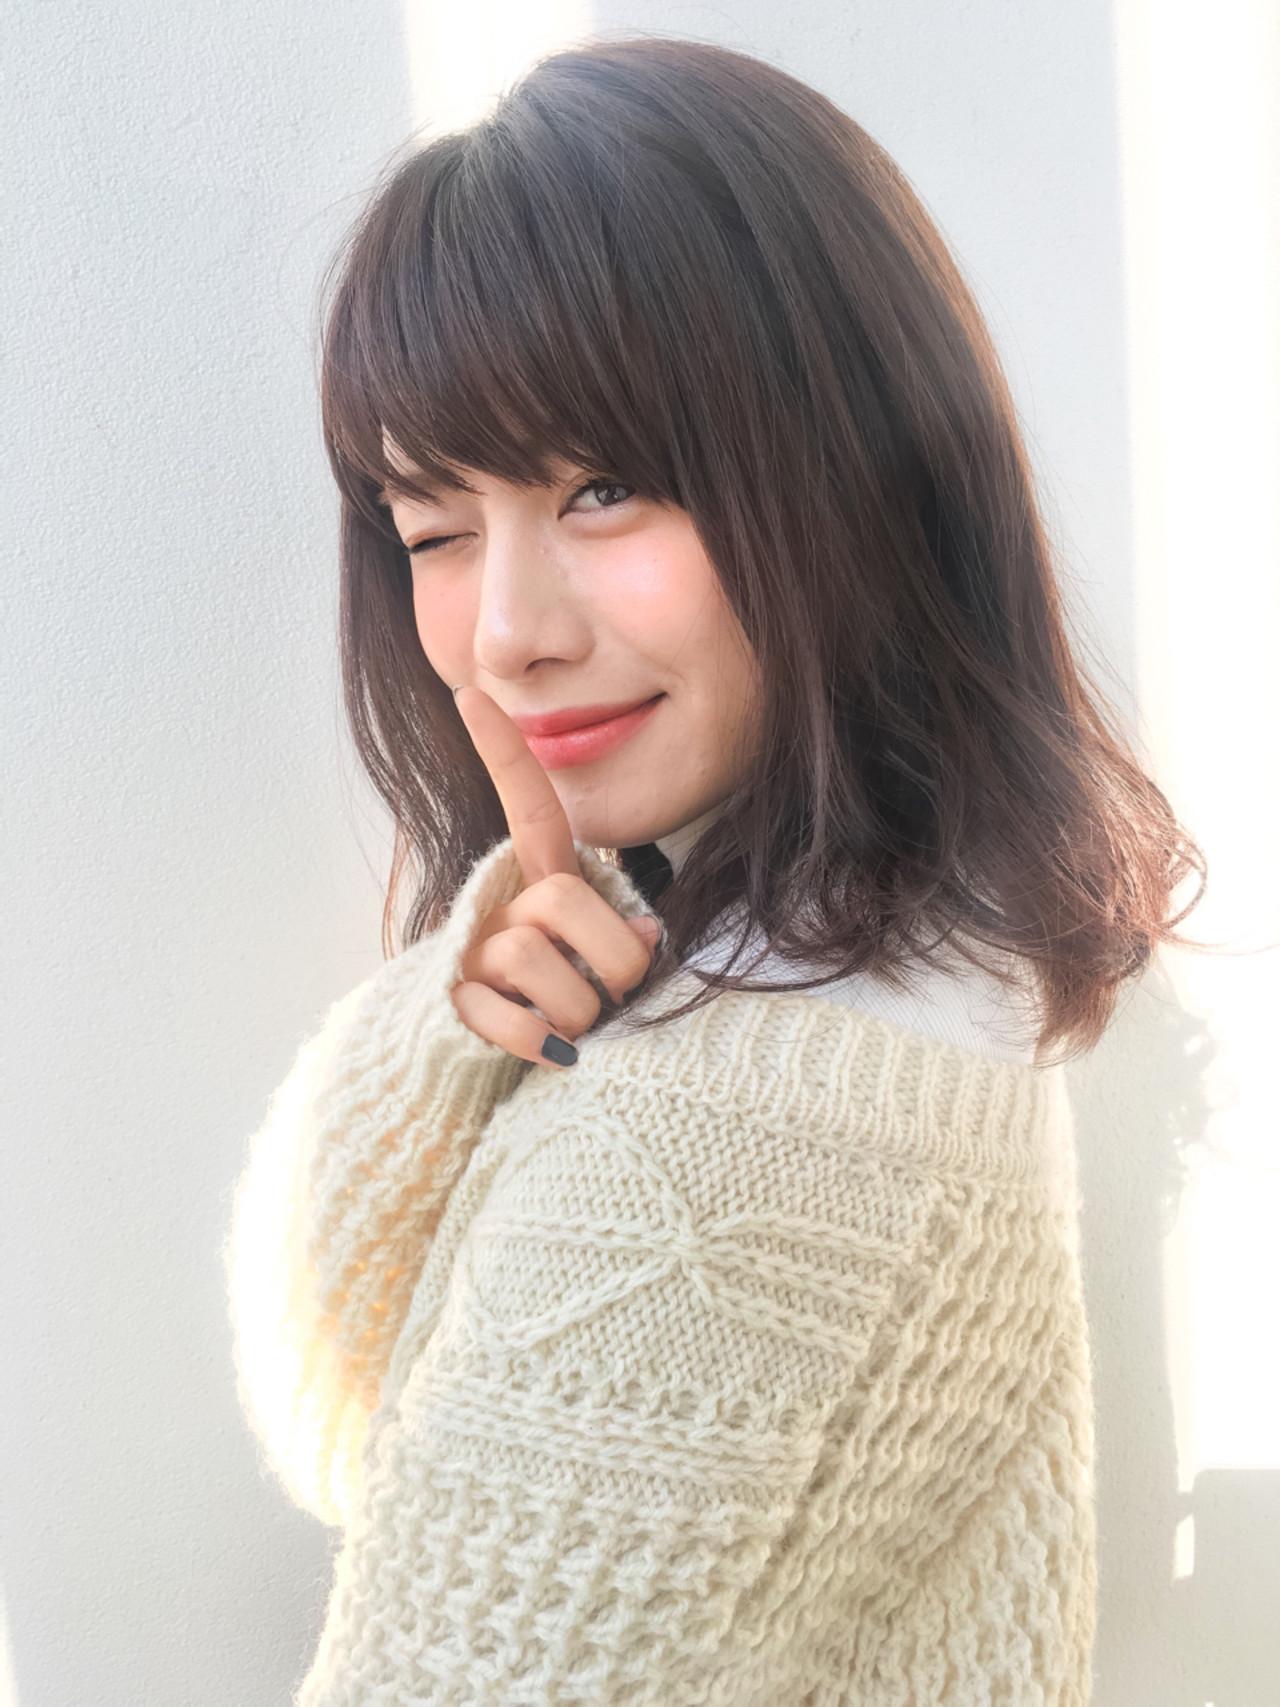 こなれ感 大人女子 ニュアンス パーマ ヘアスタイルや髪型の写真・画像 | lora.garden 細田真吾 / lora.garden